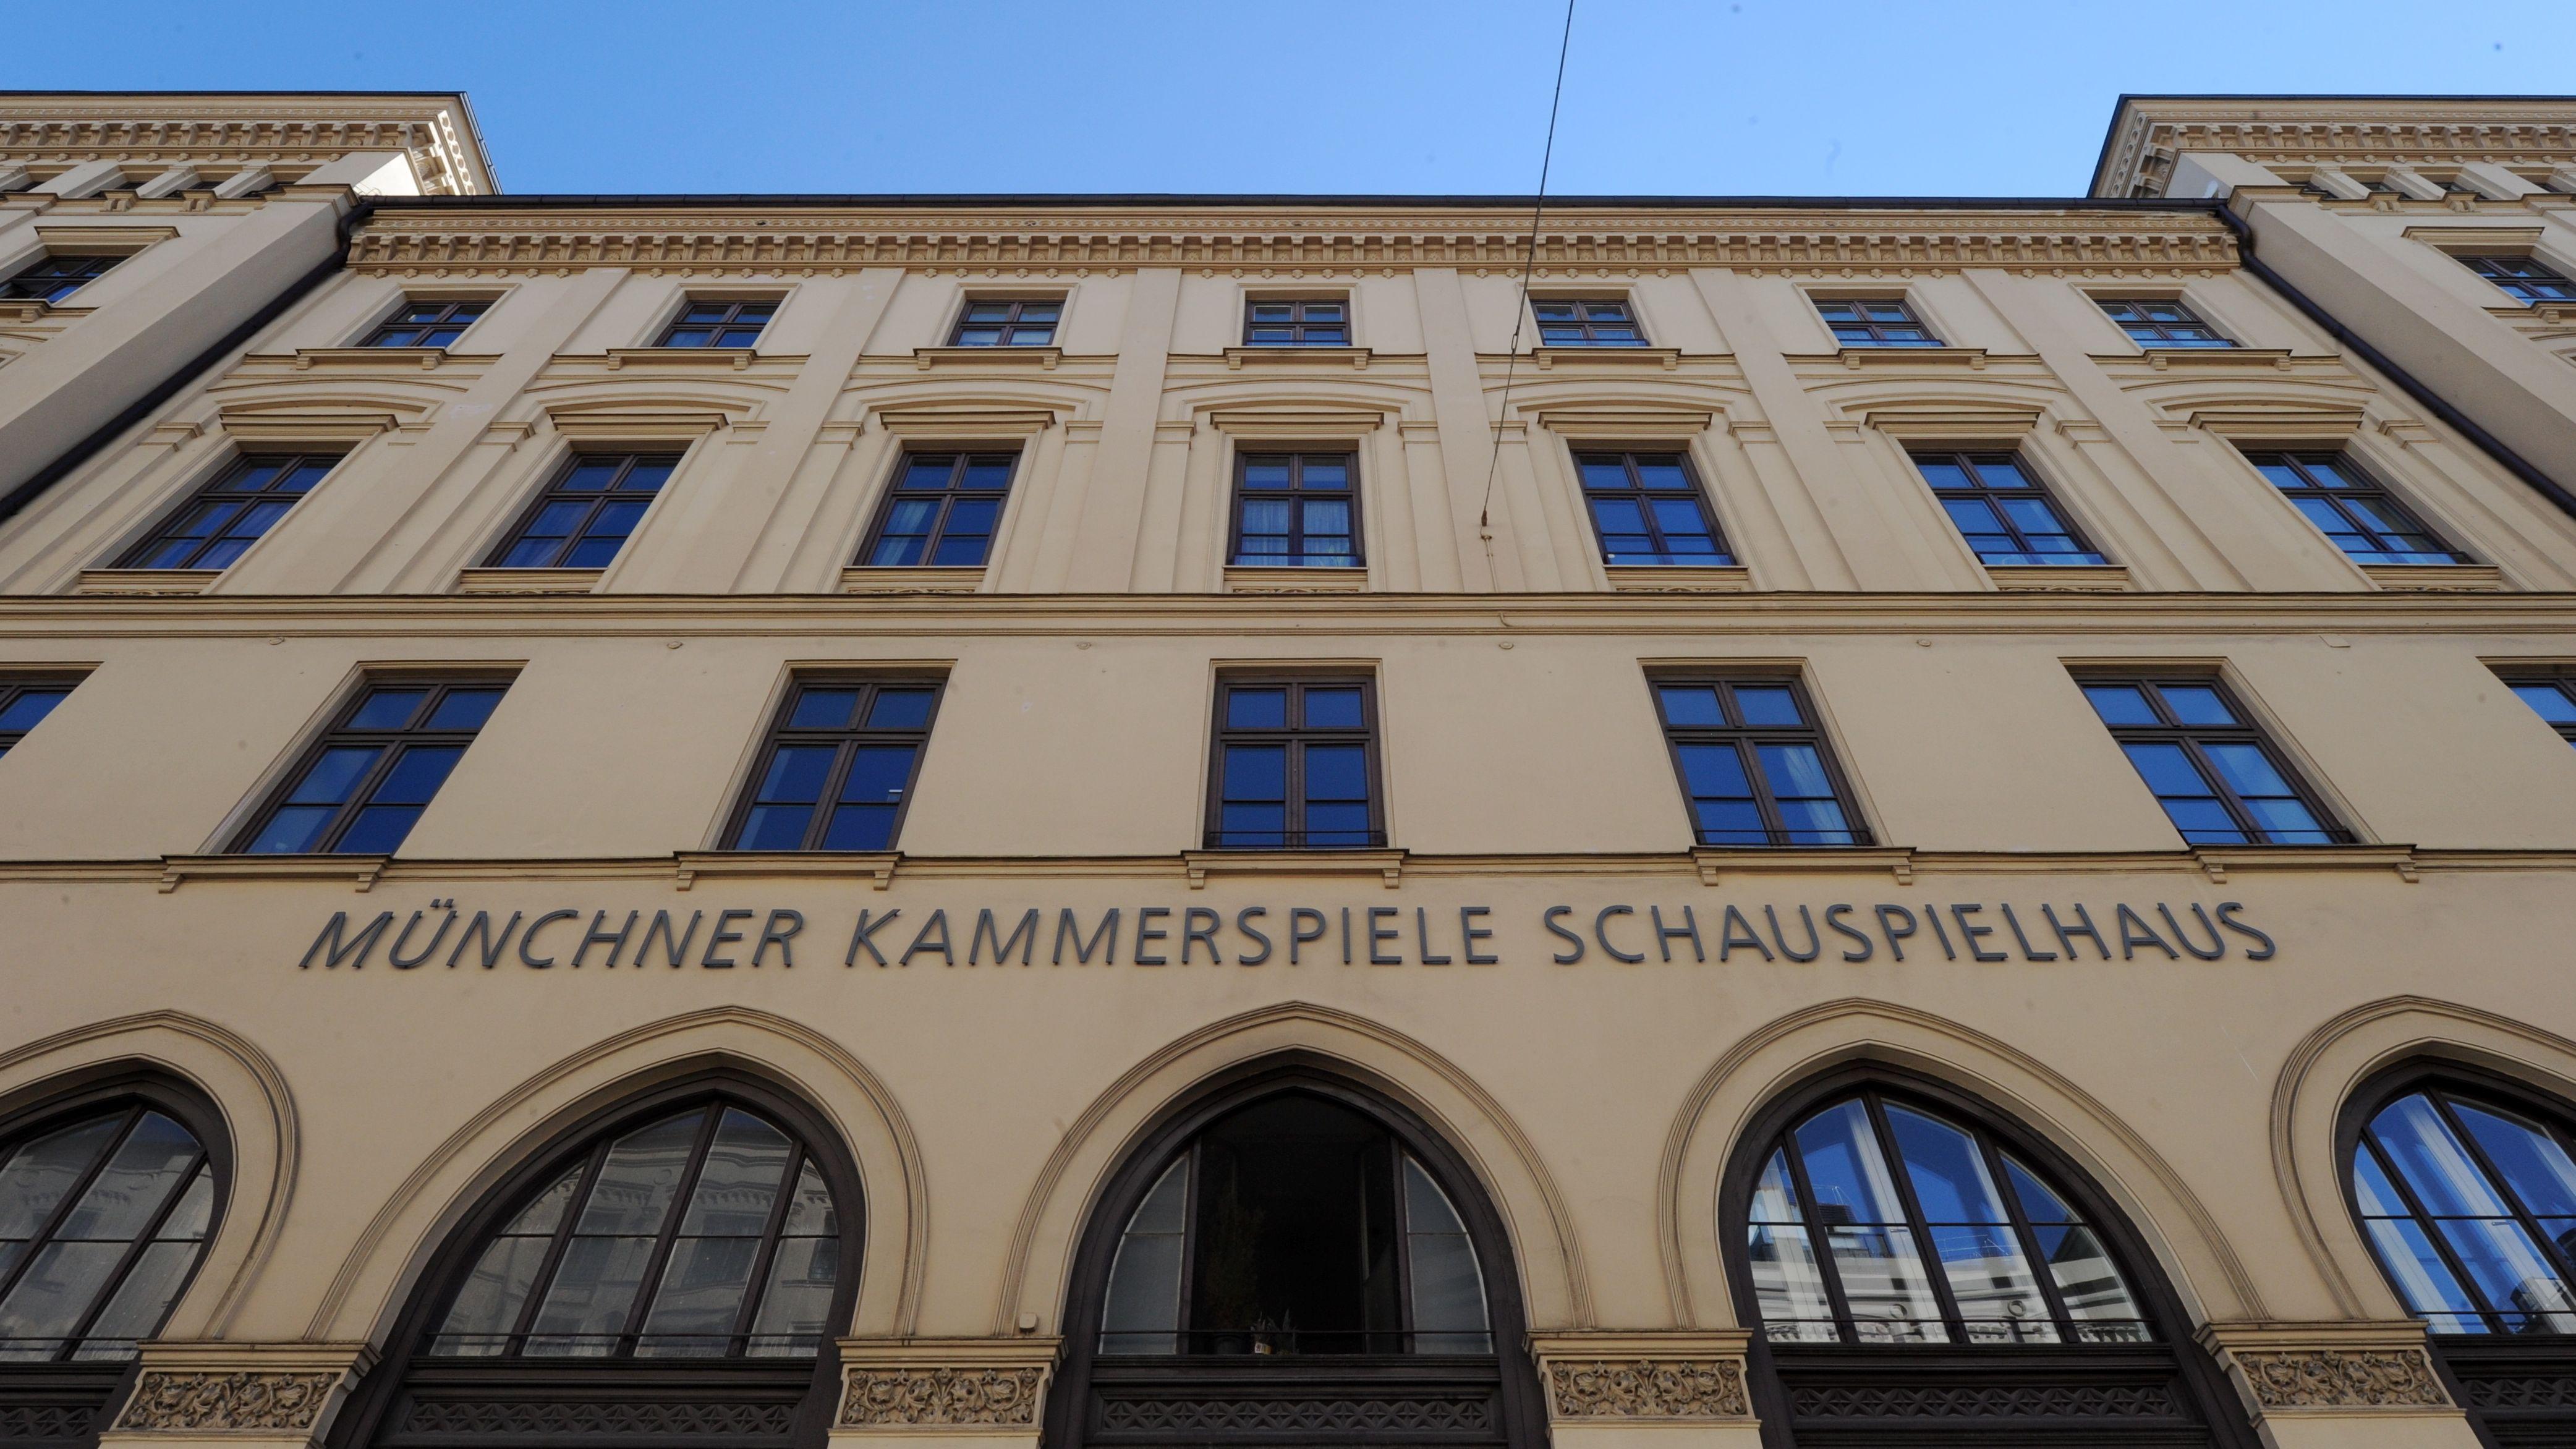 Fassade der Münchner Kammerspiele aus der Froschperspektive